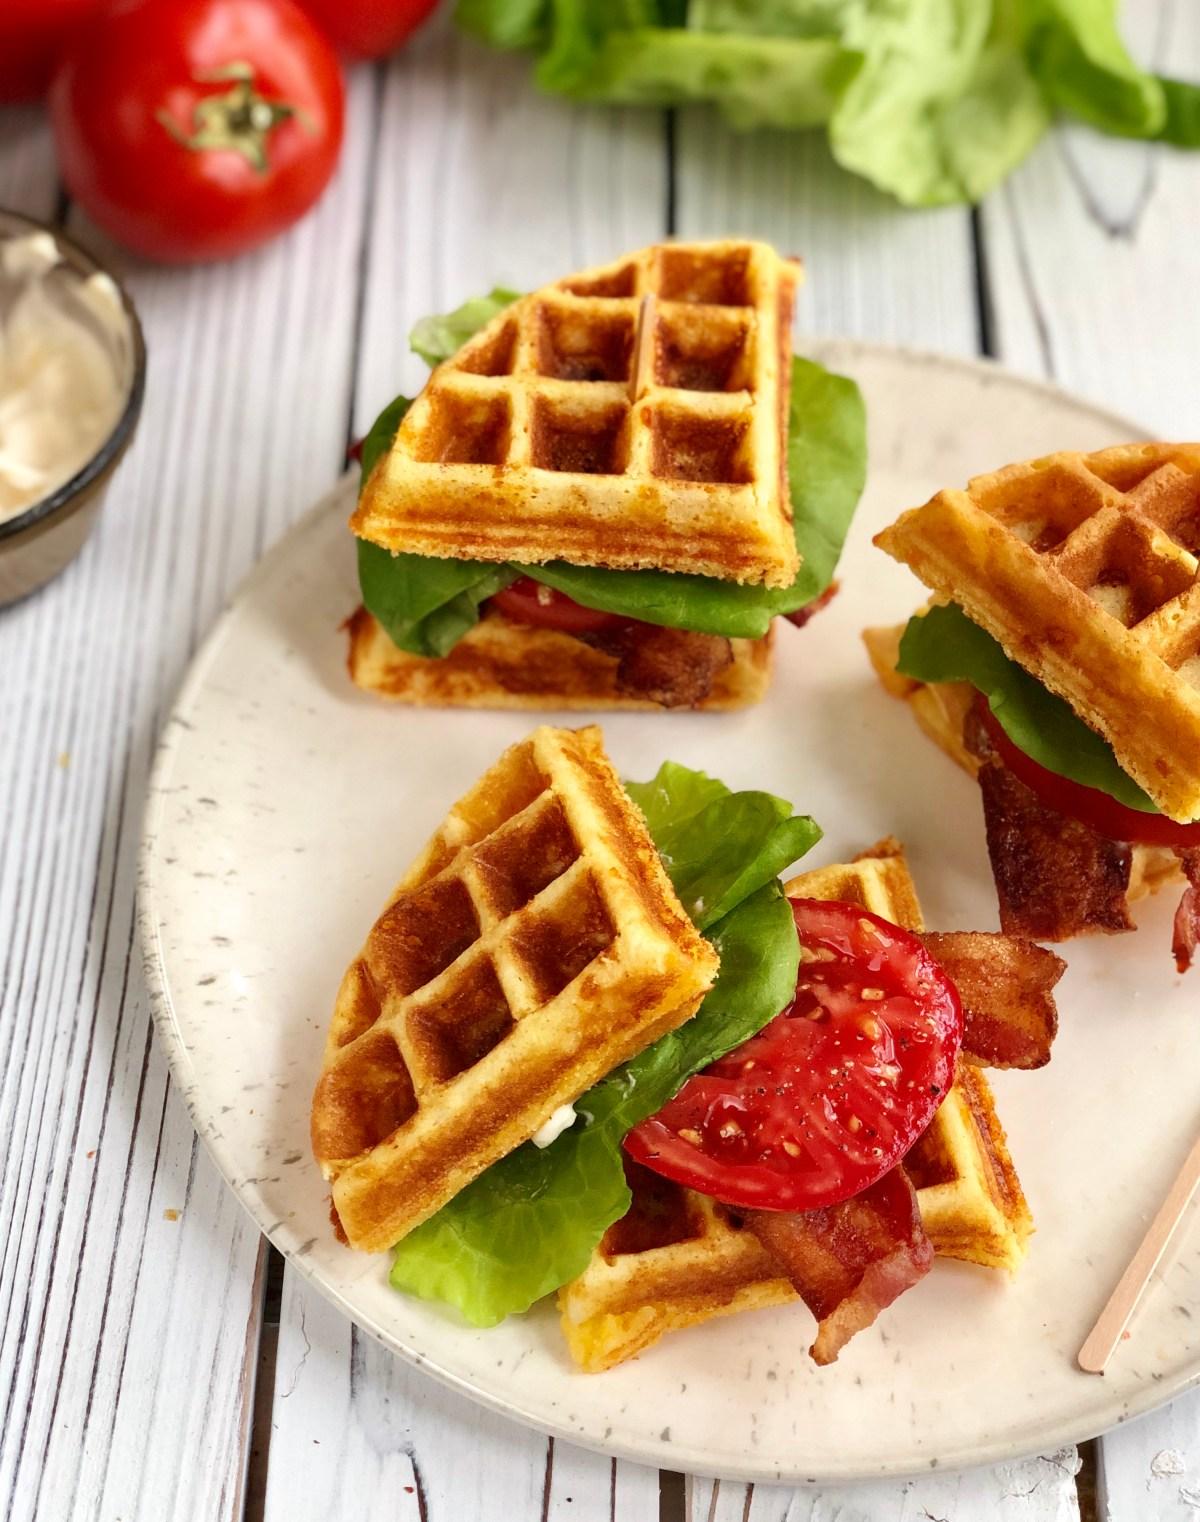 Cornbread Waffle BLT Sandwiches by Happylifeblogspot.com #blt #bltsandwich #waffleblt #cornbreadwaffle #wafflesanwich #tomatosandwich